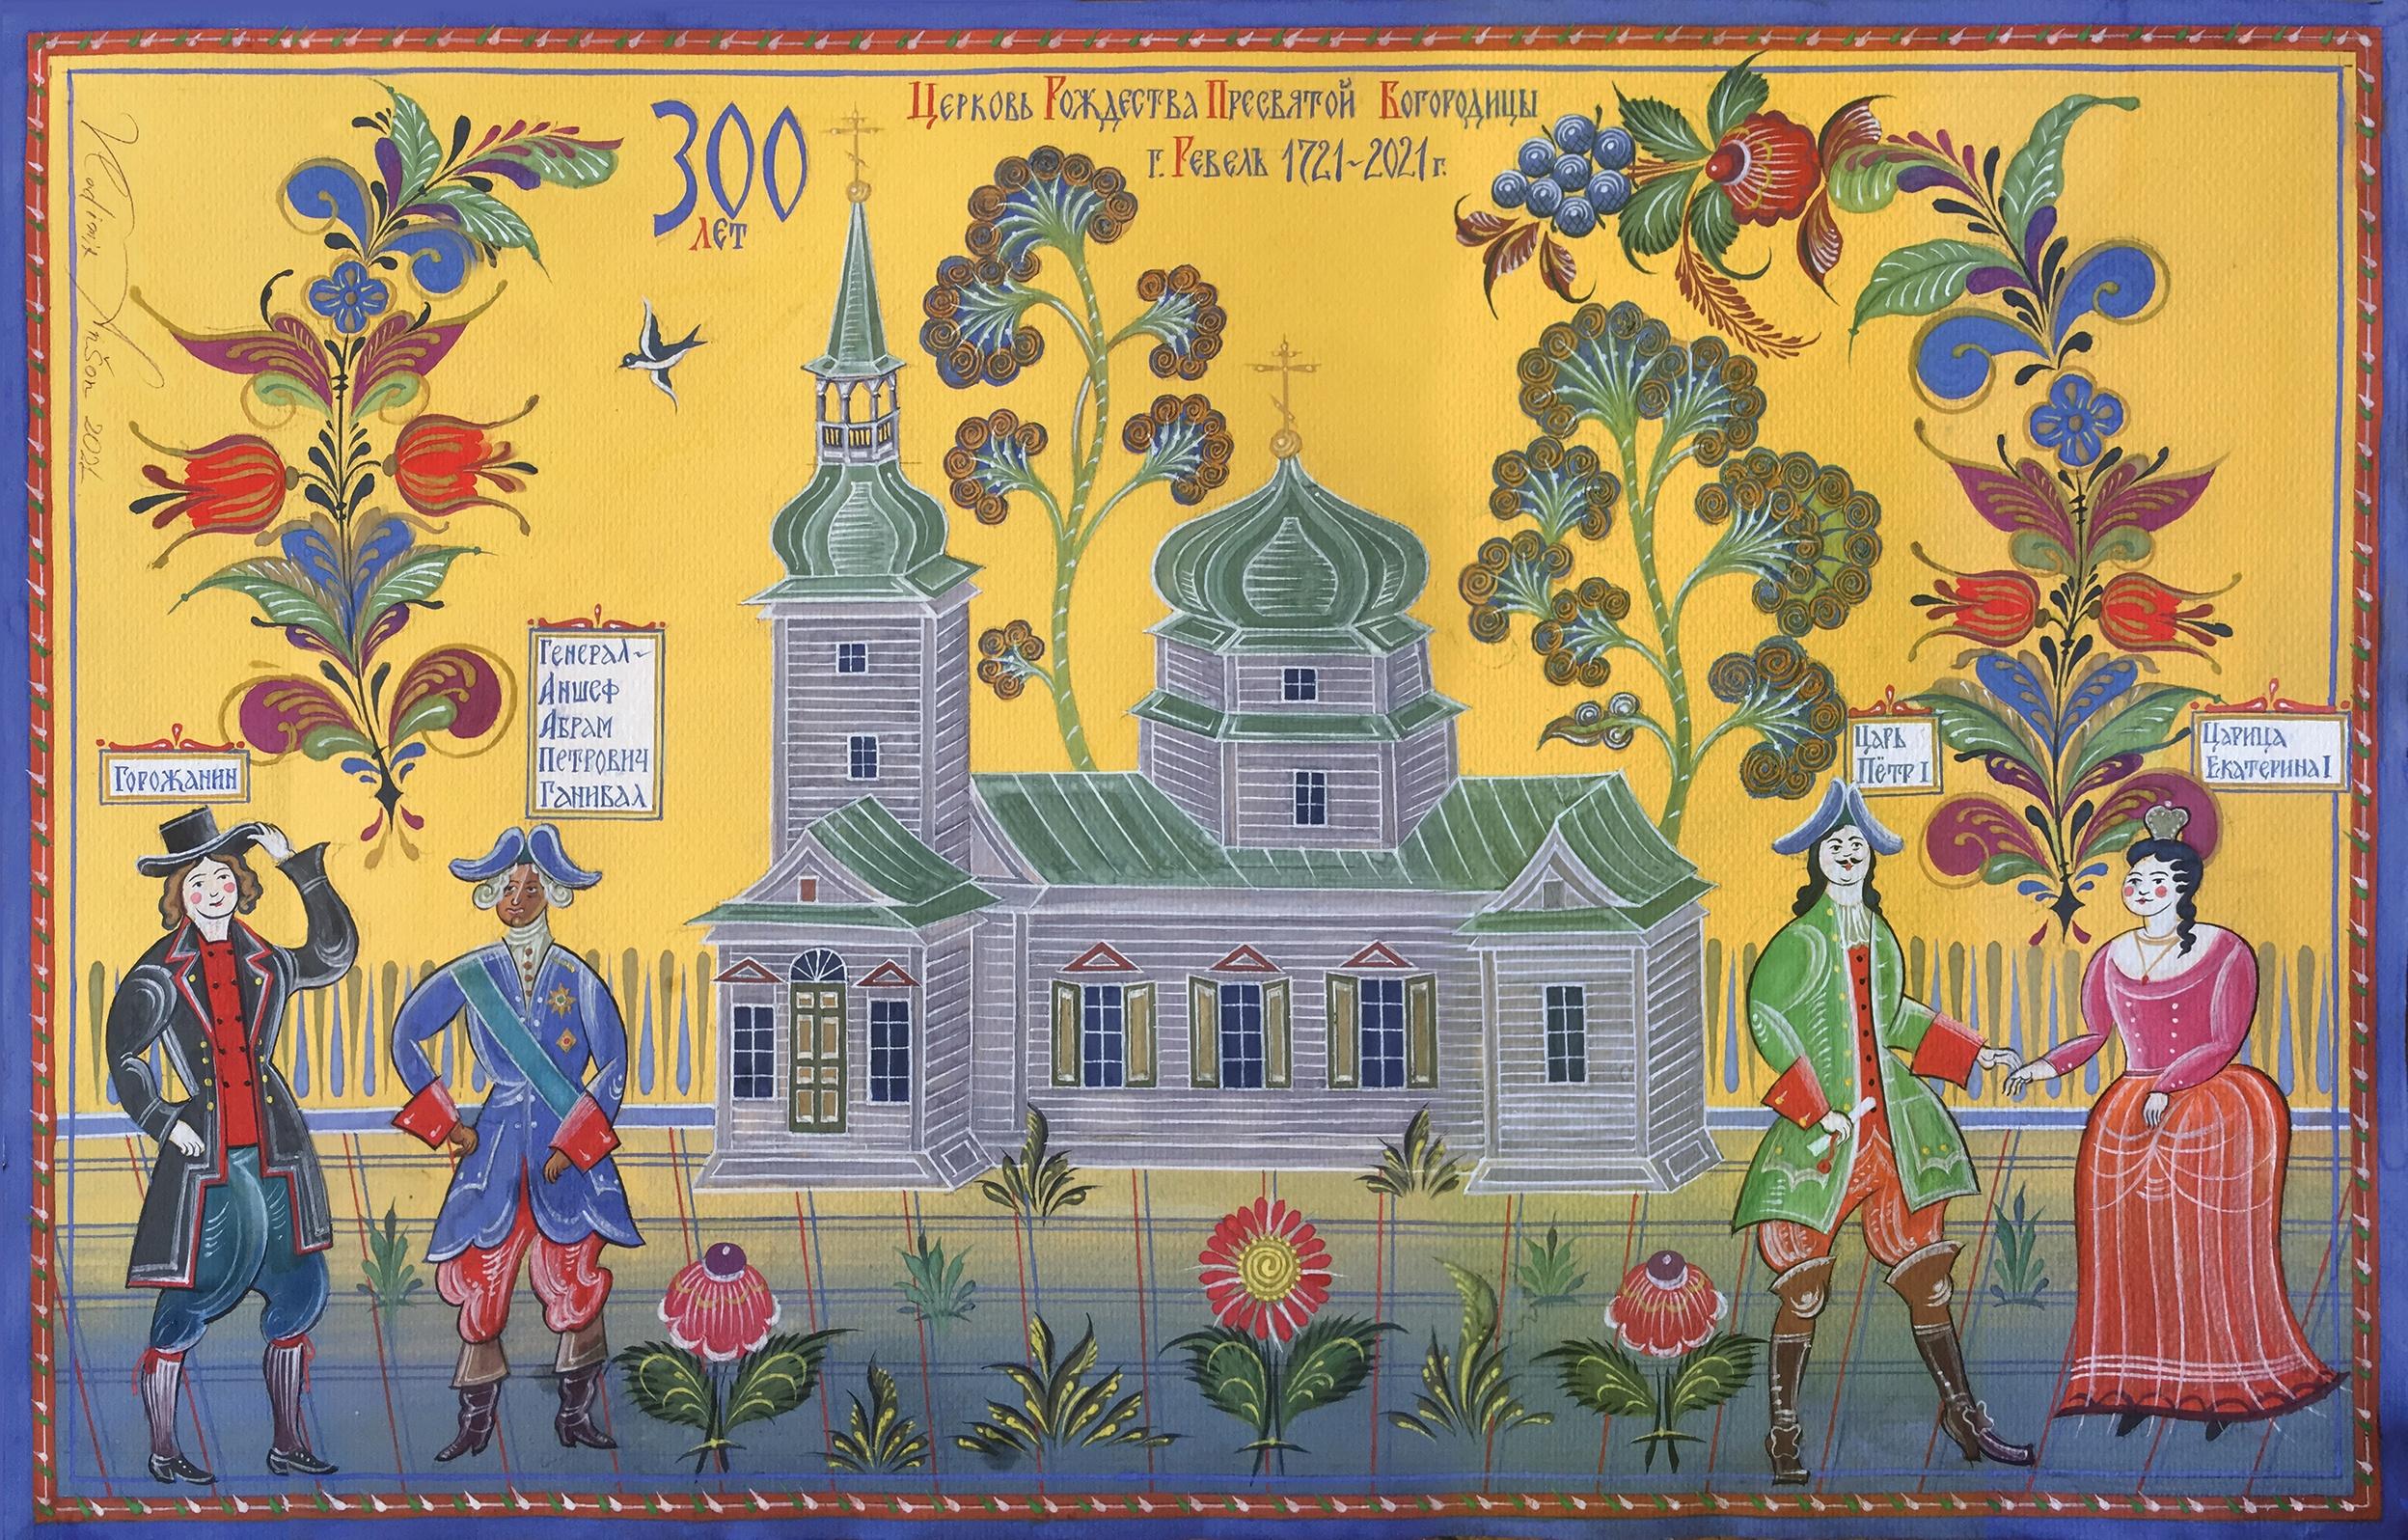 Церковь Рождества Пресвятой Богородицы, г. Ревель, 1721-2021 г.   Художник: Владимир Аншон